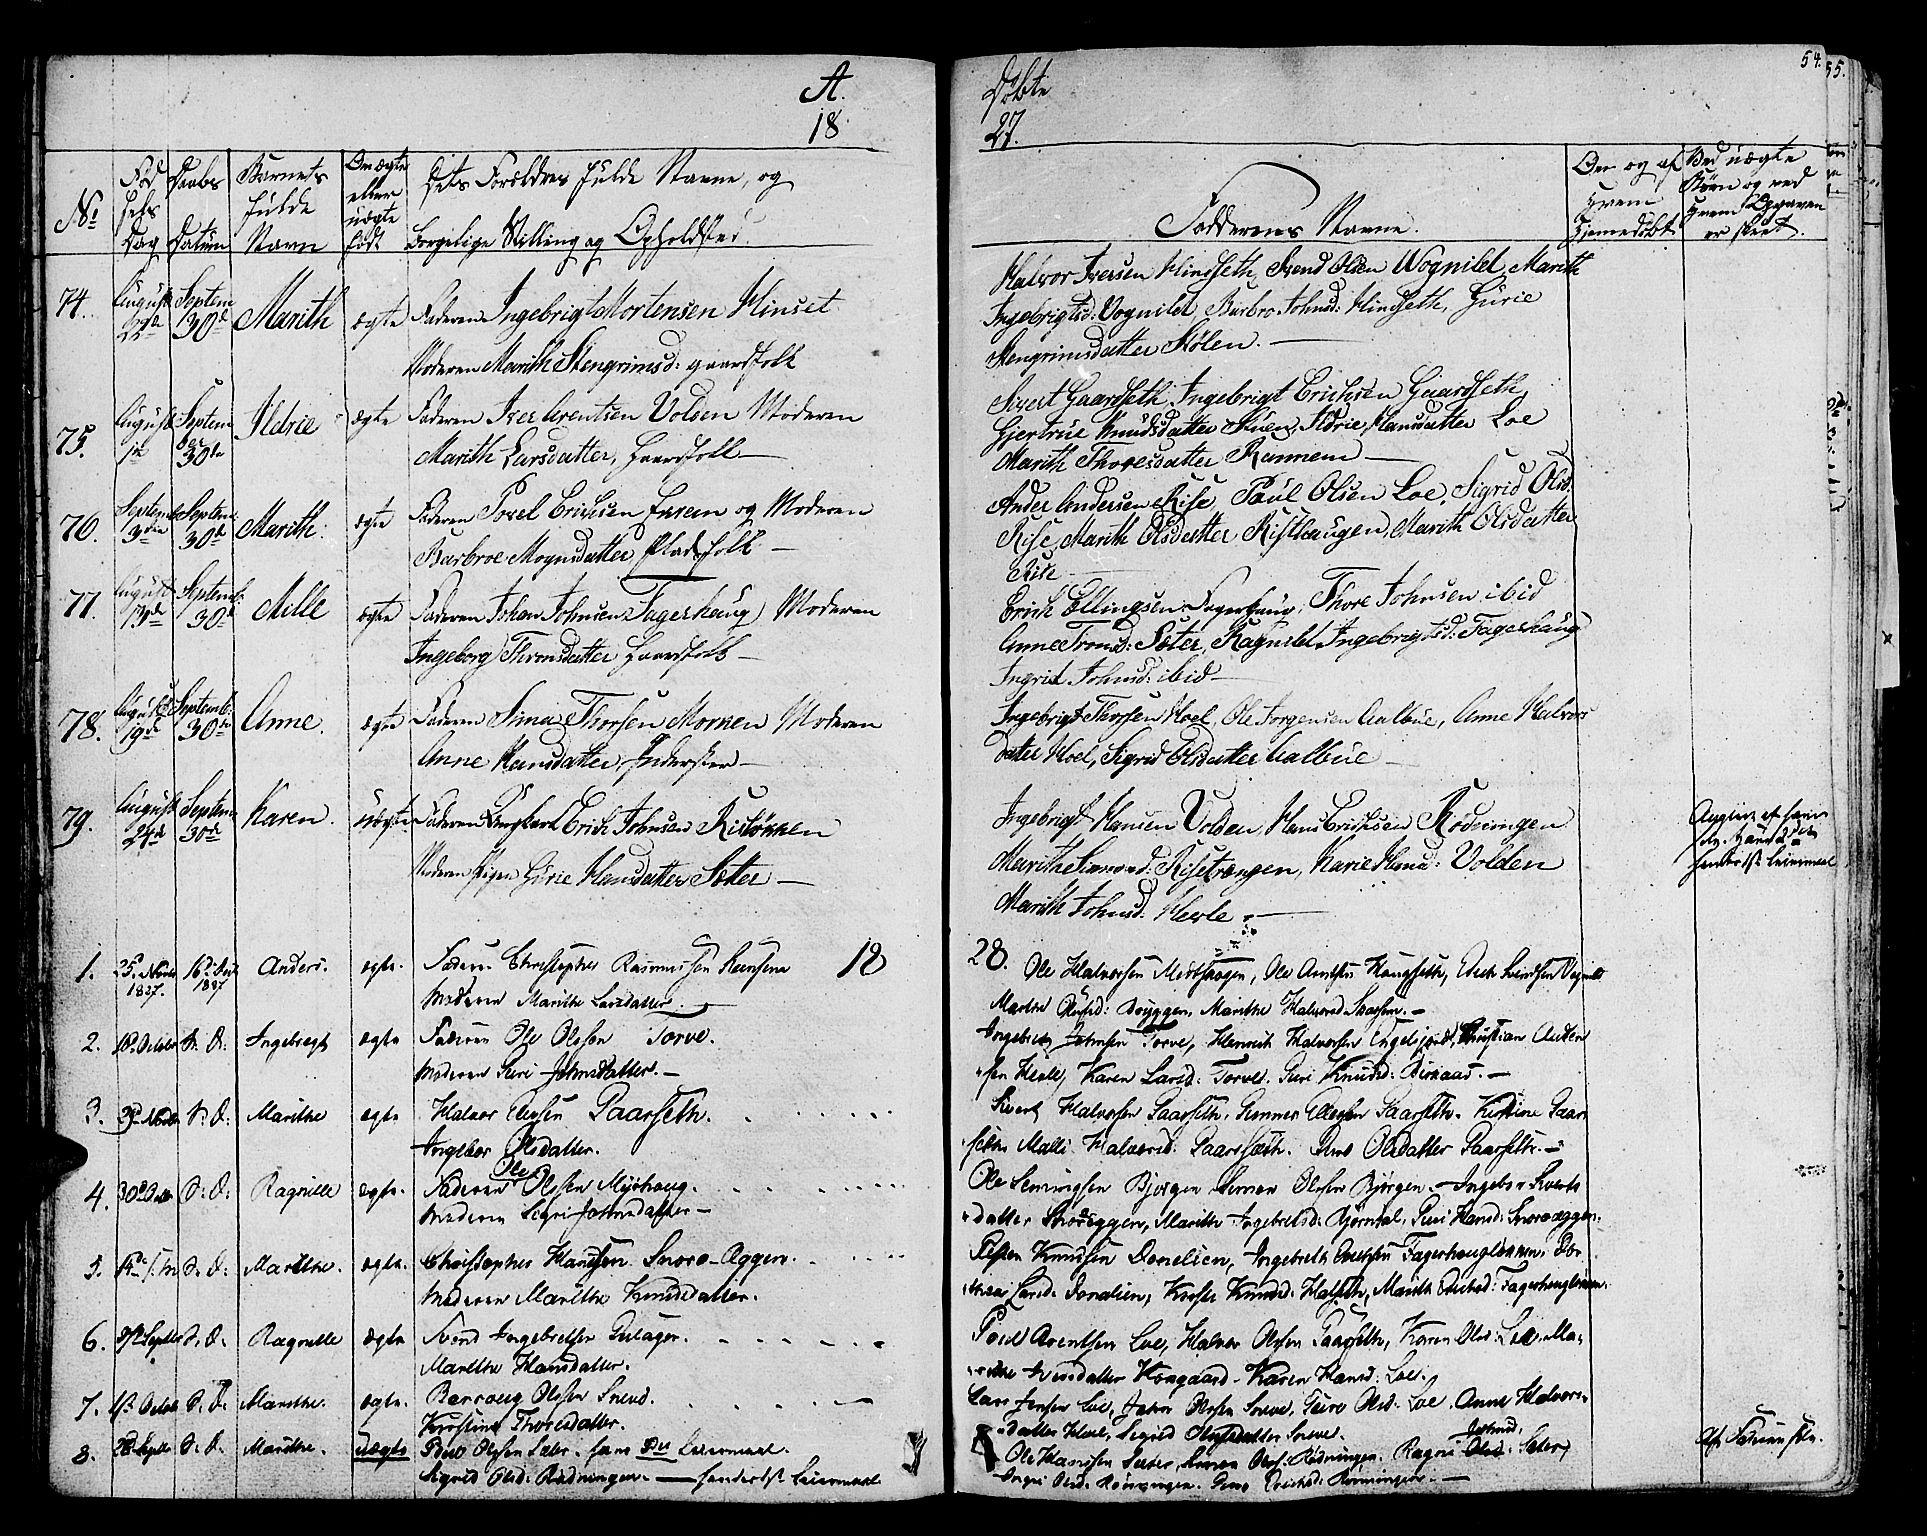 SAT, Ministerialprotokoller, klokkerbøker og fødselsregistre - Sør-Trøndelag, 678/L0897: Ministerialbok nr. 678A06-07, 1821-1847, s. 54